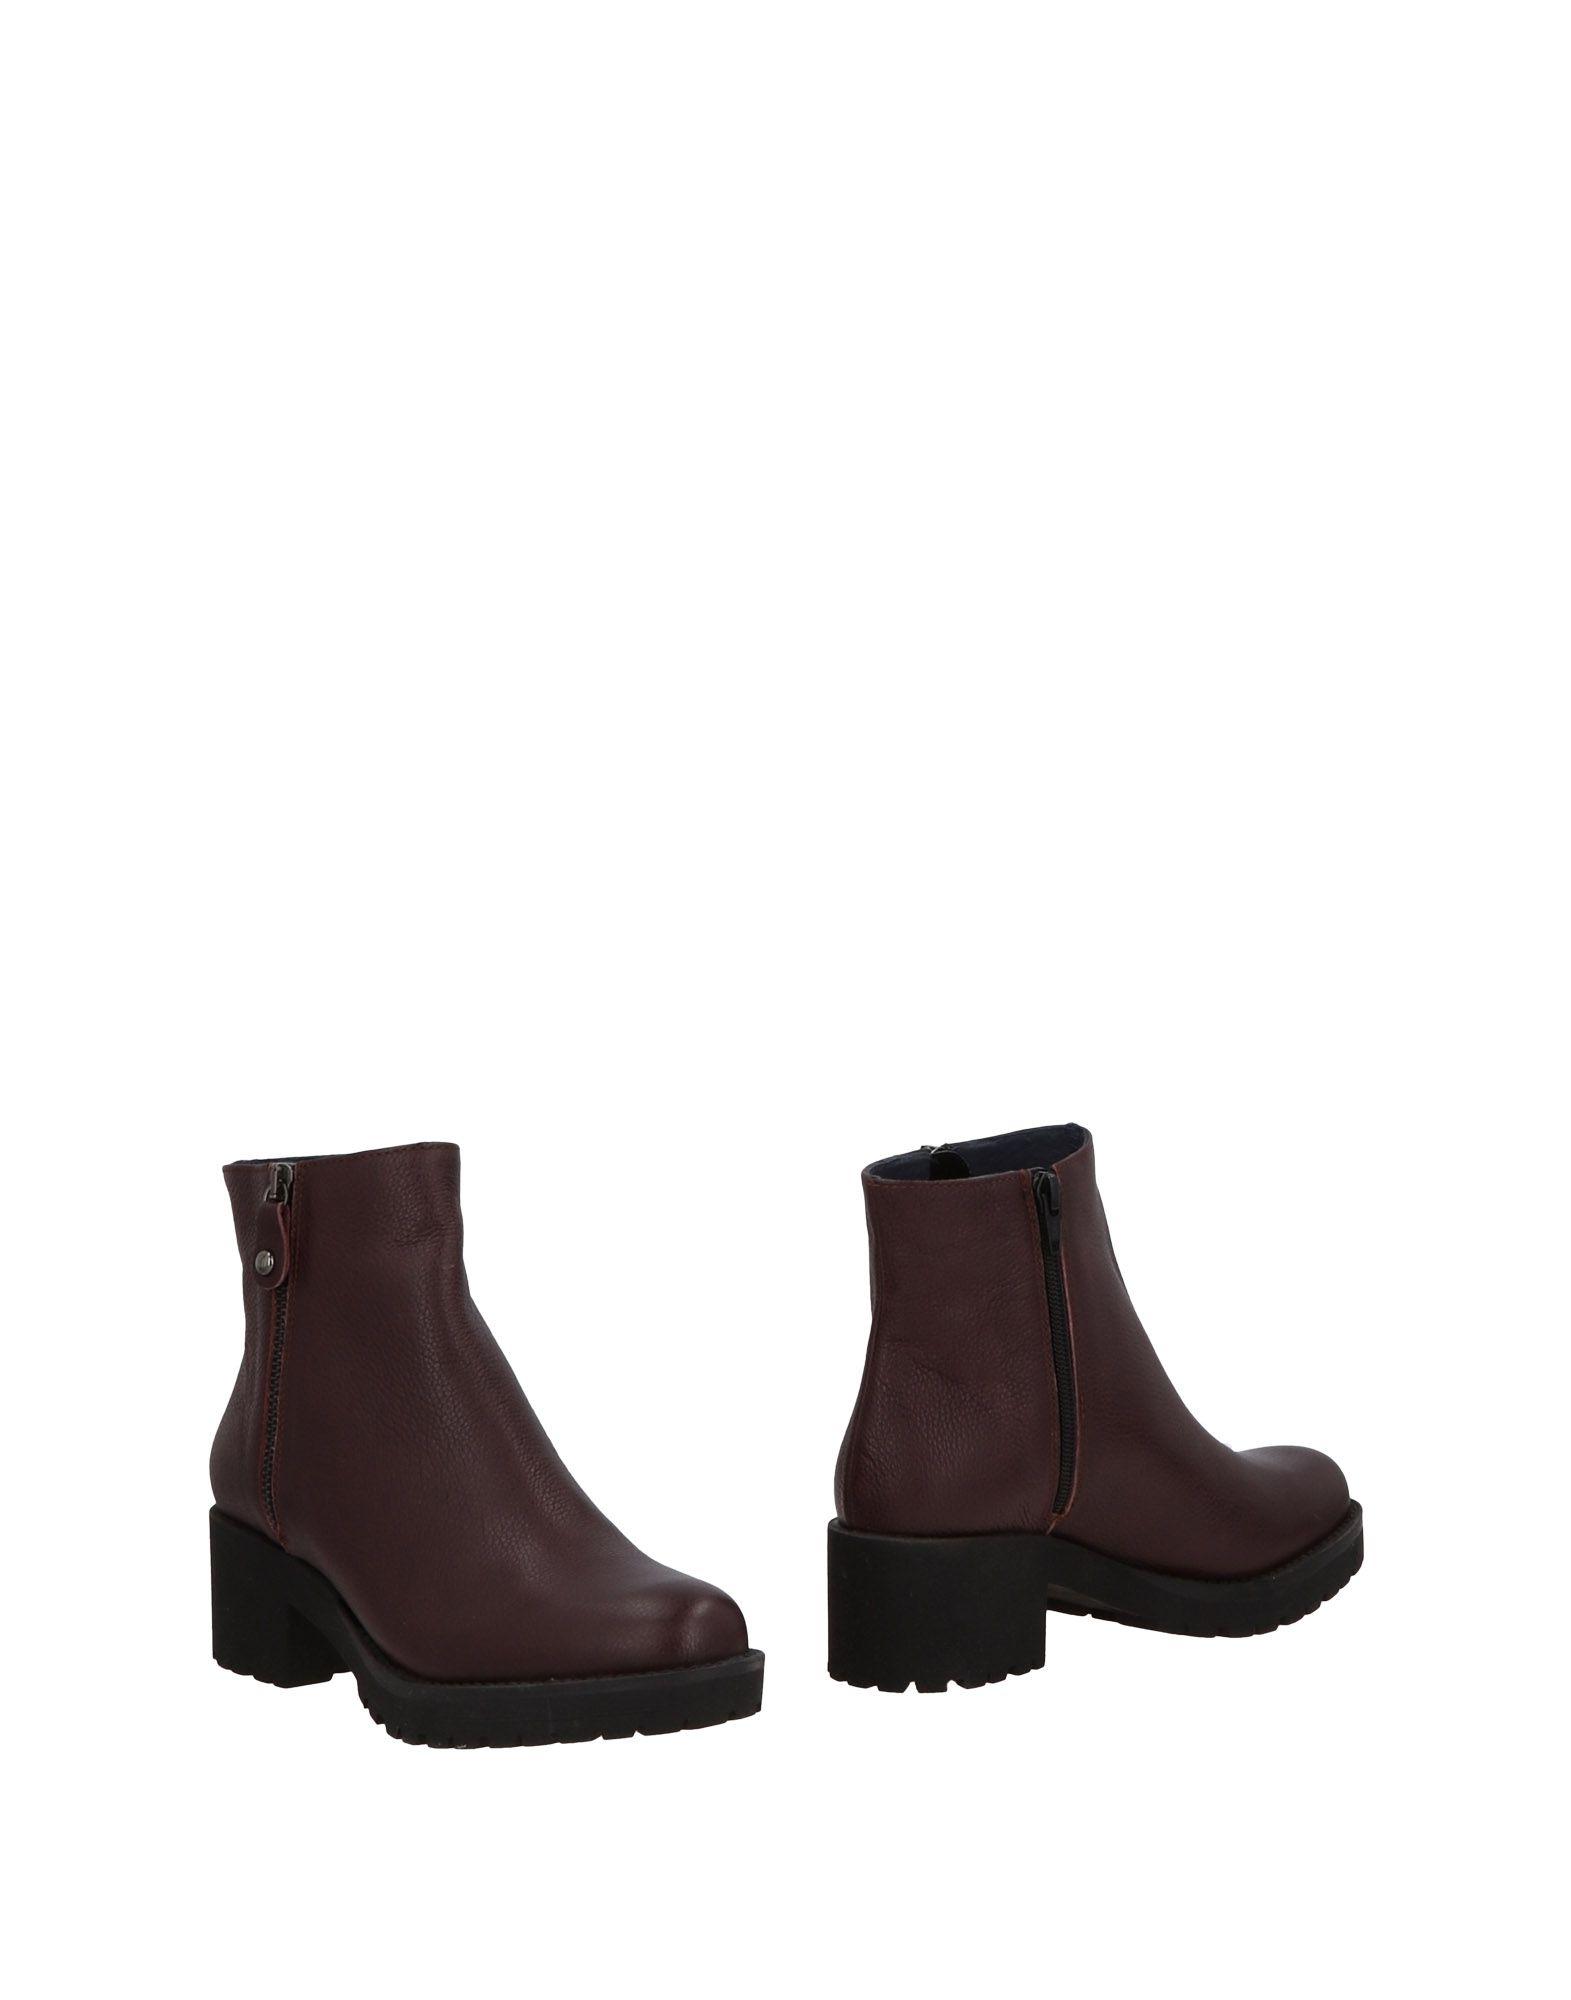 Docksteps Stiefelette Damen  11477536VE Gute Qualität beliebte Schuhe